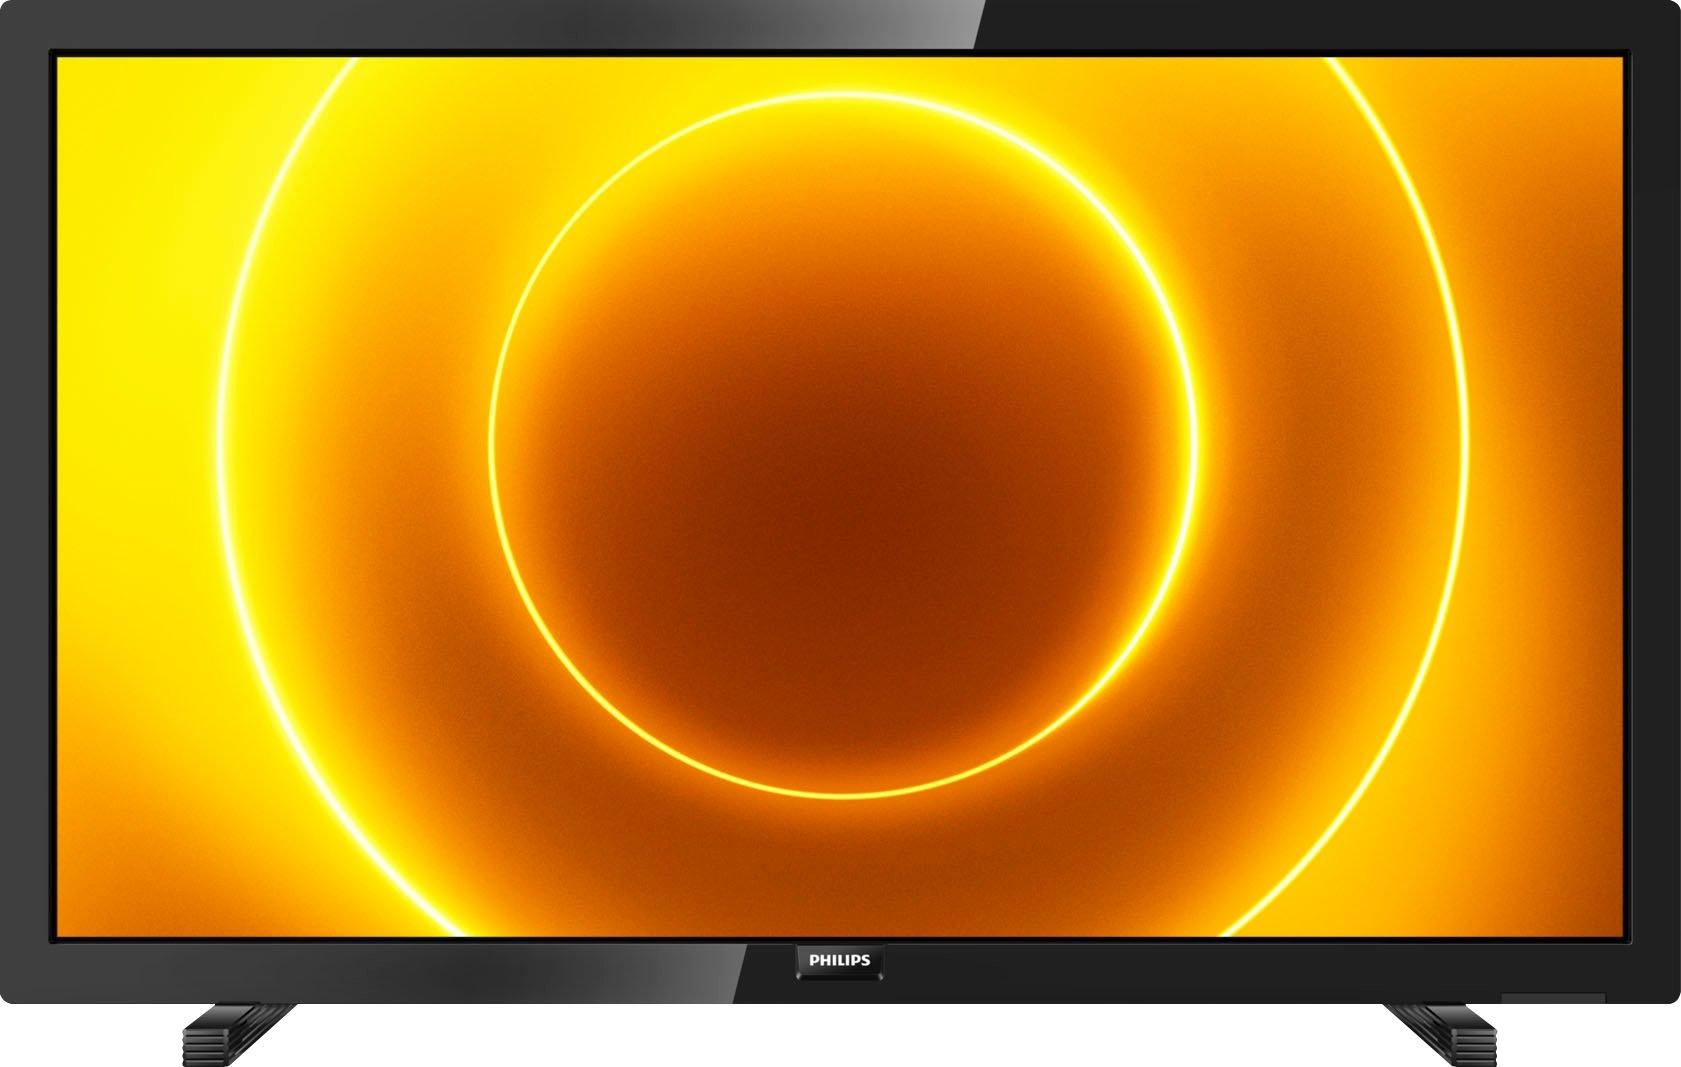 Philips »24PFS5505« LED-TV goedkoop op otto.nl kopen